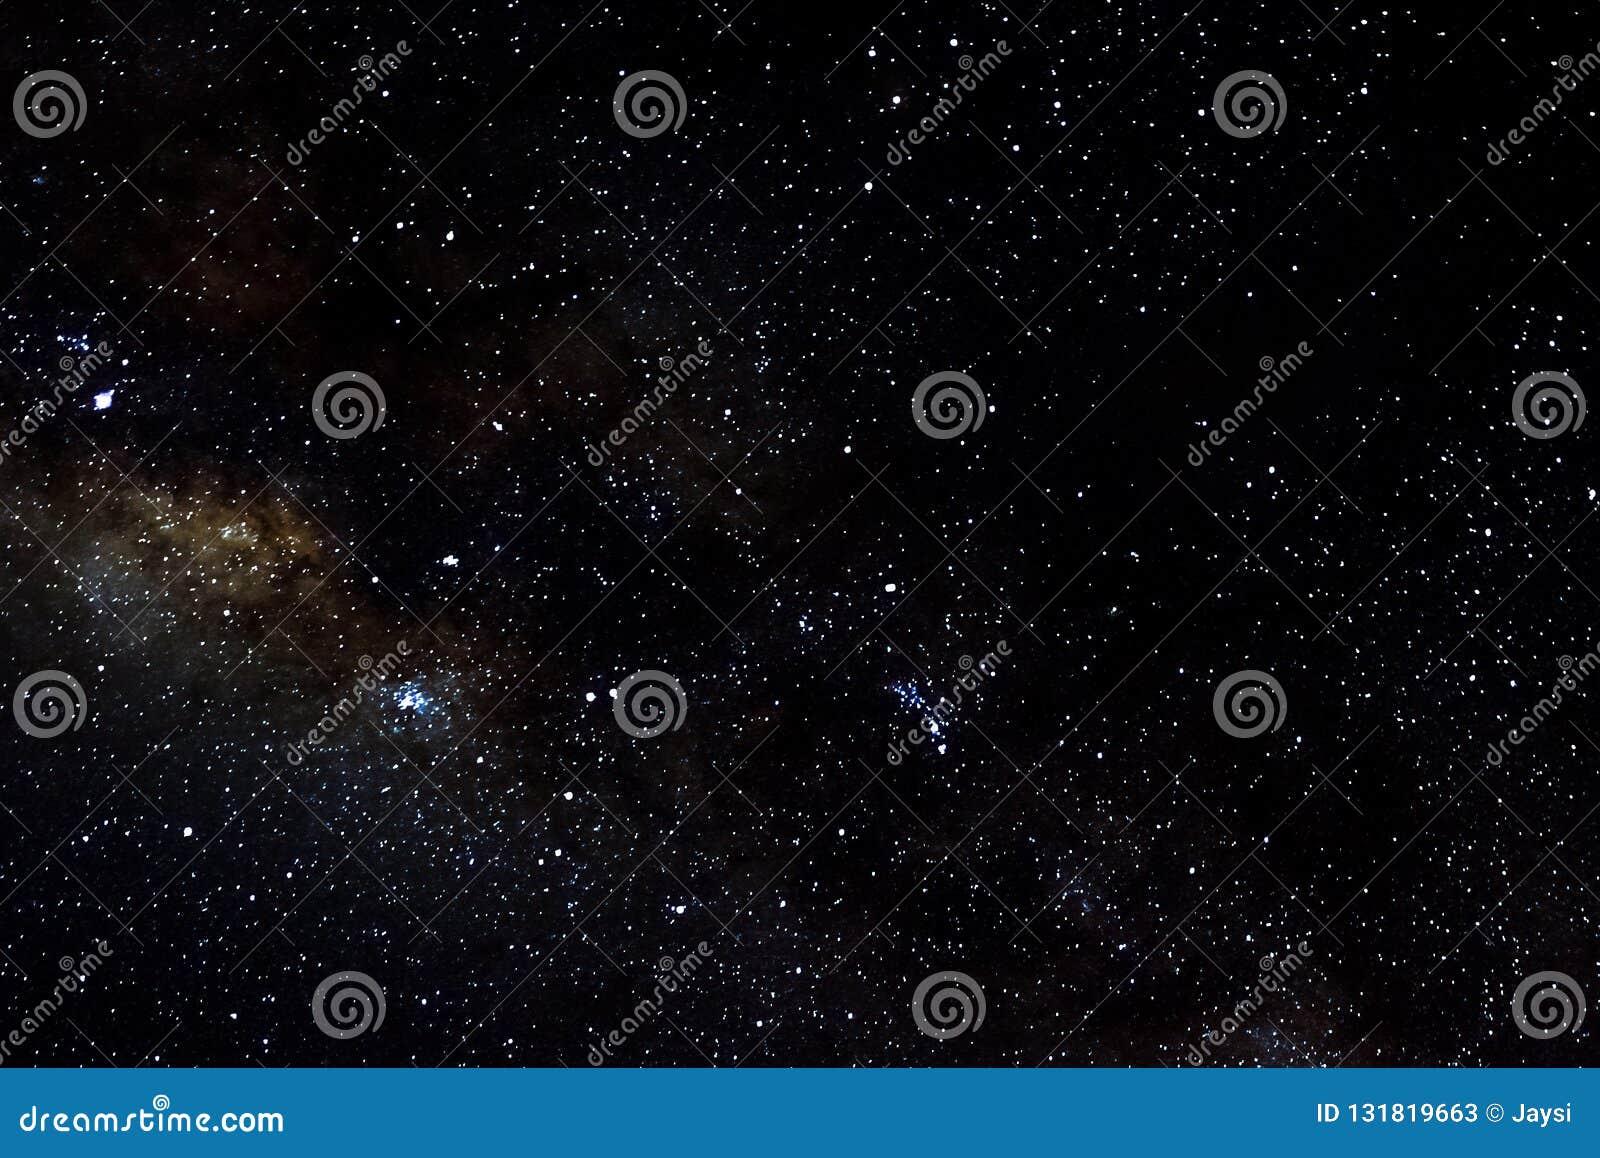 星和星系外层空间天空夜宇宙黑色满天星斗的背景,starfield